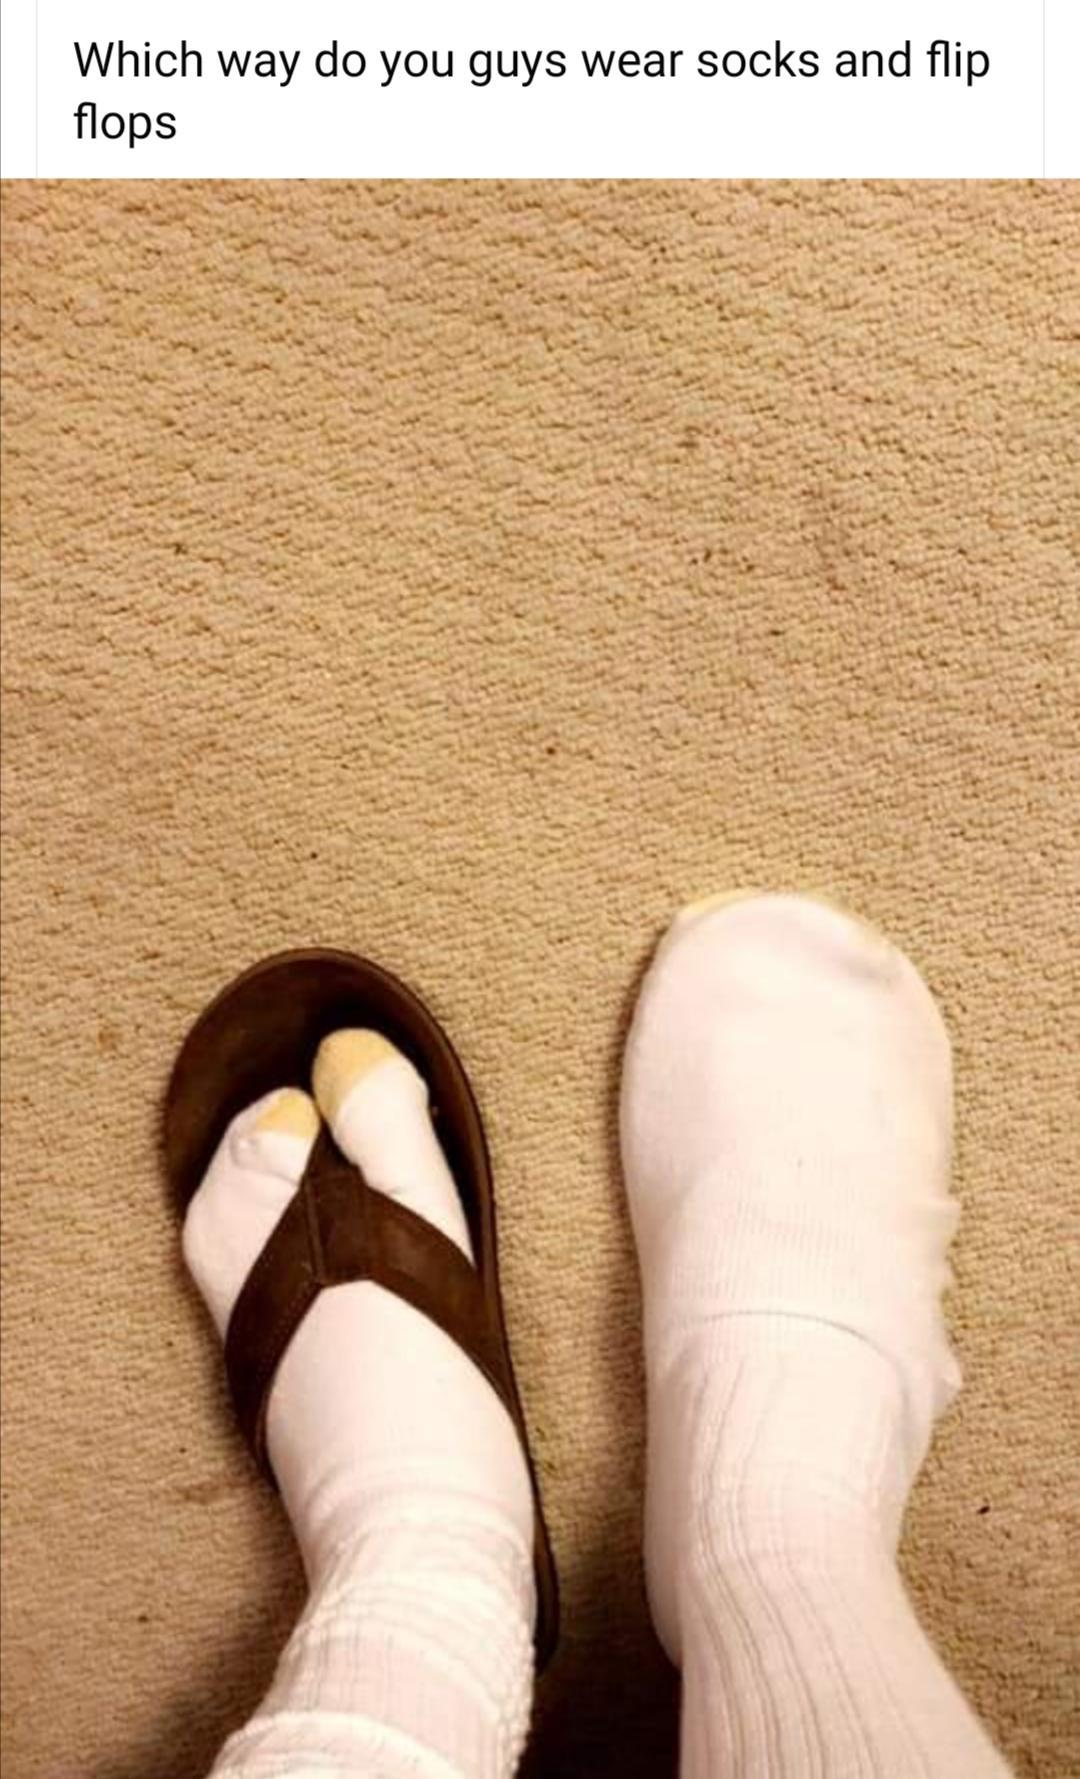 Socks And Sandals Meme : socks, sandals, Kvaila, Traukinys, Atsipalaiduoti, Socks, Sandals, Florencepoetssociety.org